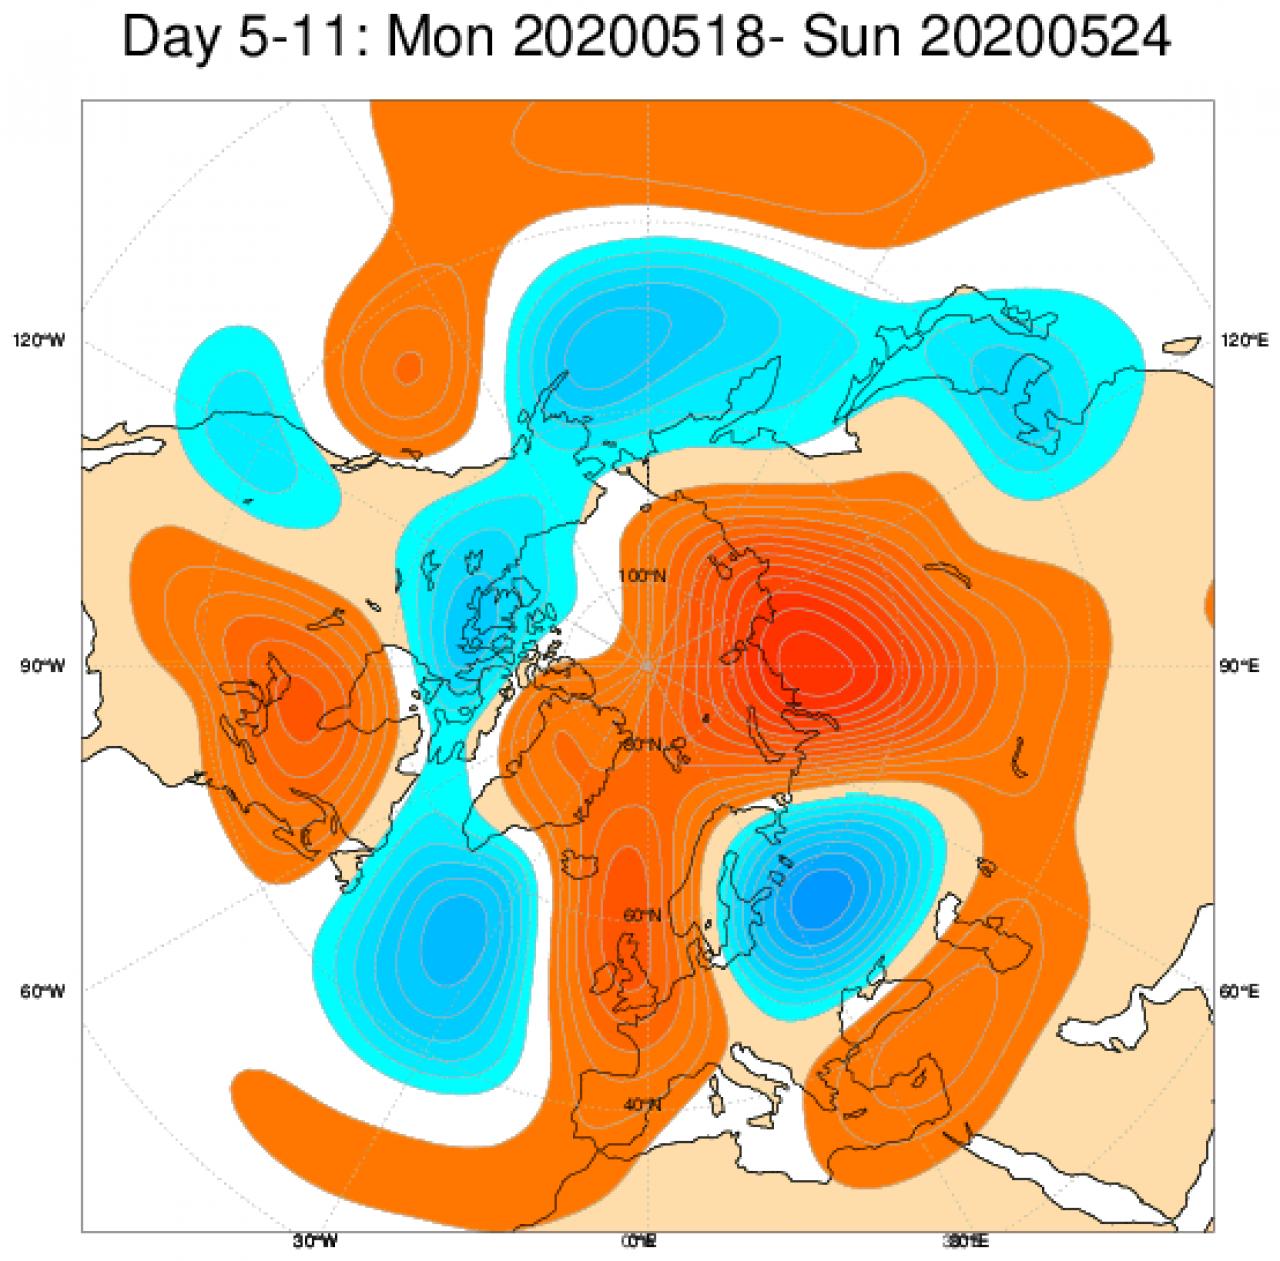 Media di ensemble del modello inglese ECMWF relativa all'anomalia di Altezza di Geopotenziale a 500 hPa (circa 5.500 metri) per il periodo 18-24 maggio 2020